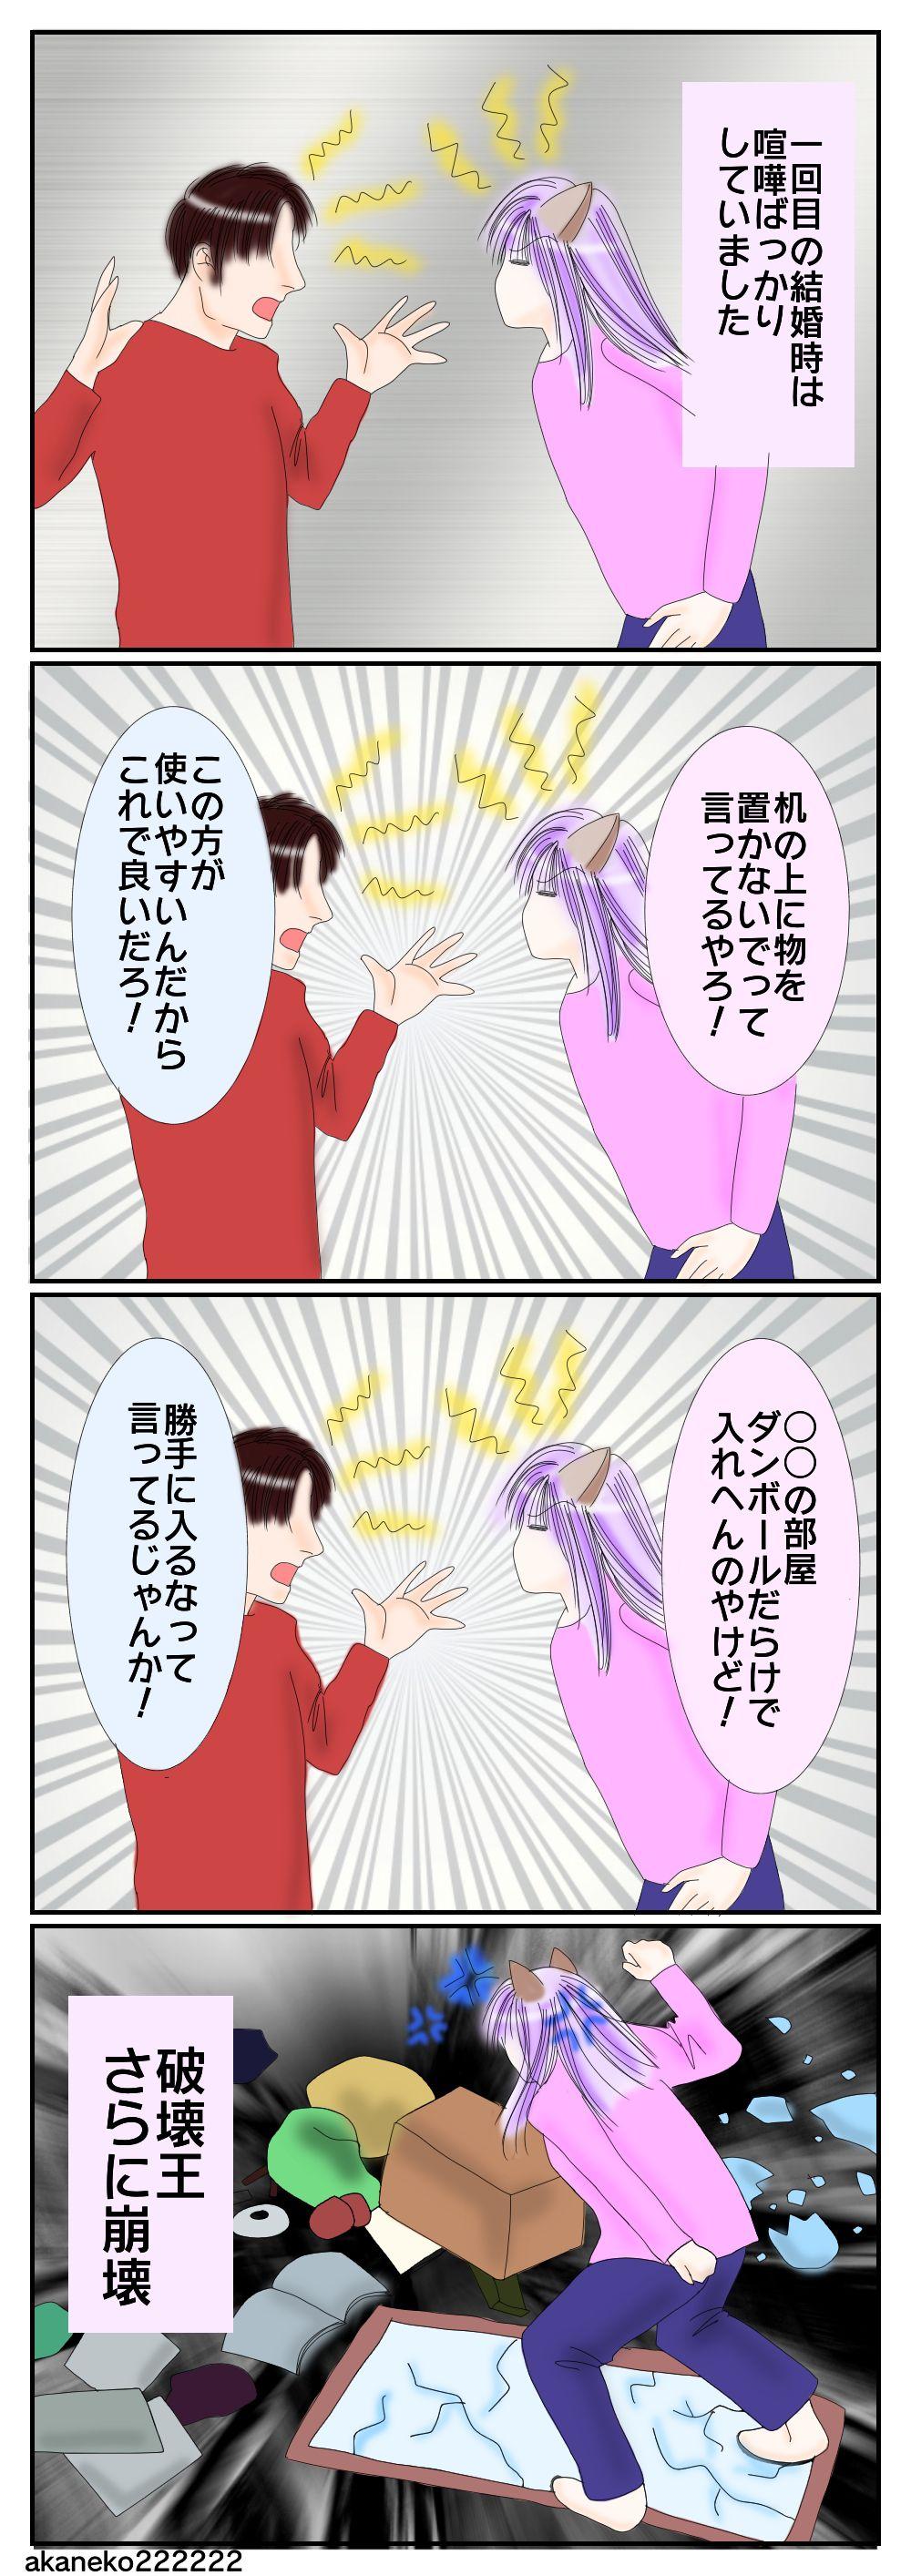 夫婦喧嘩する四コマ漫画